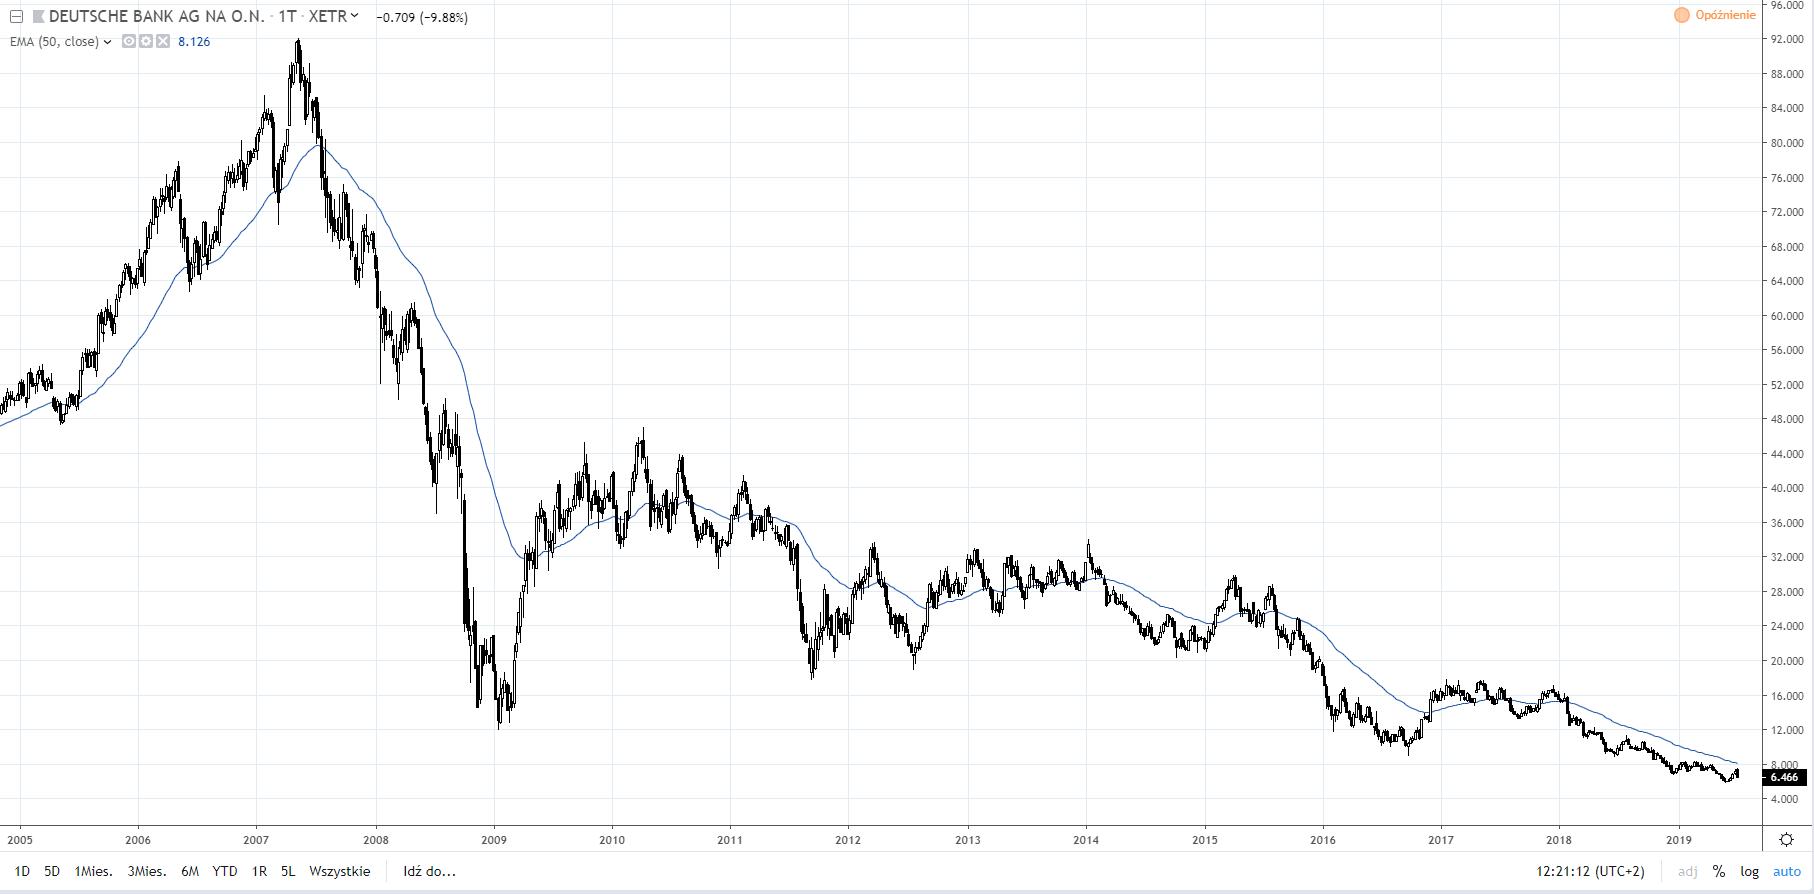 wykres Deutsche bank W1 09.07.2019